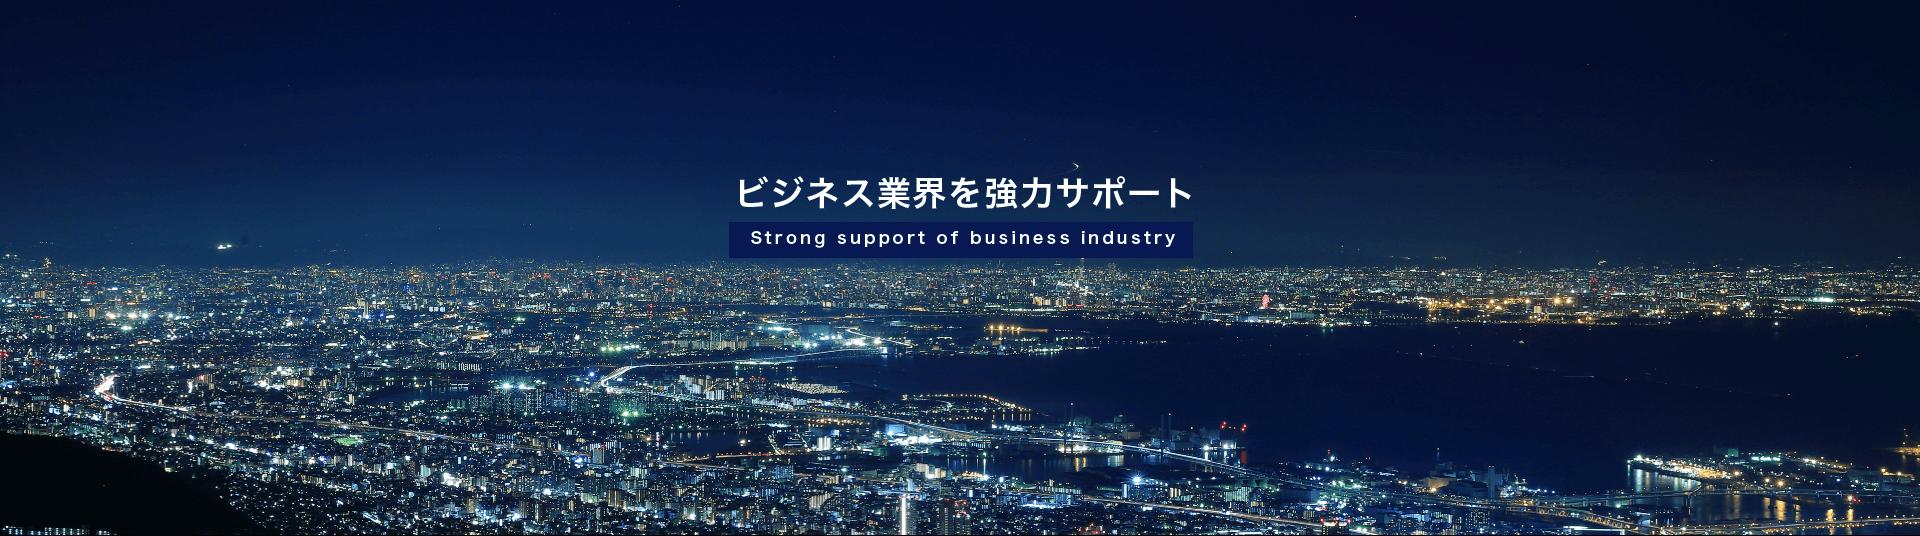 ビジネス業界を強力サポート